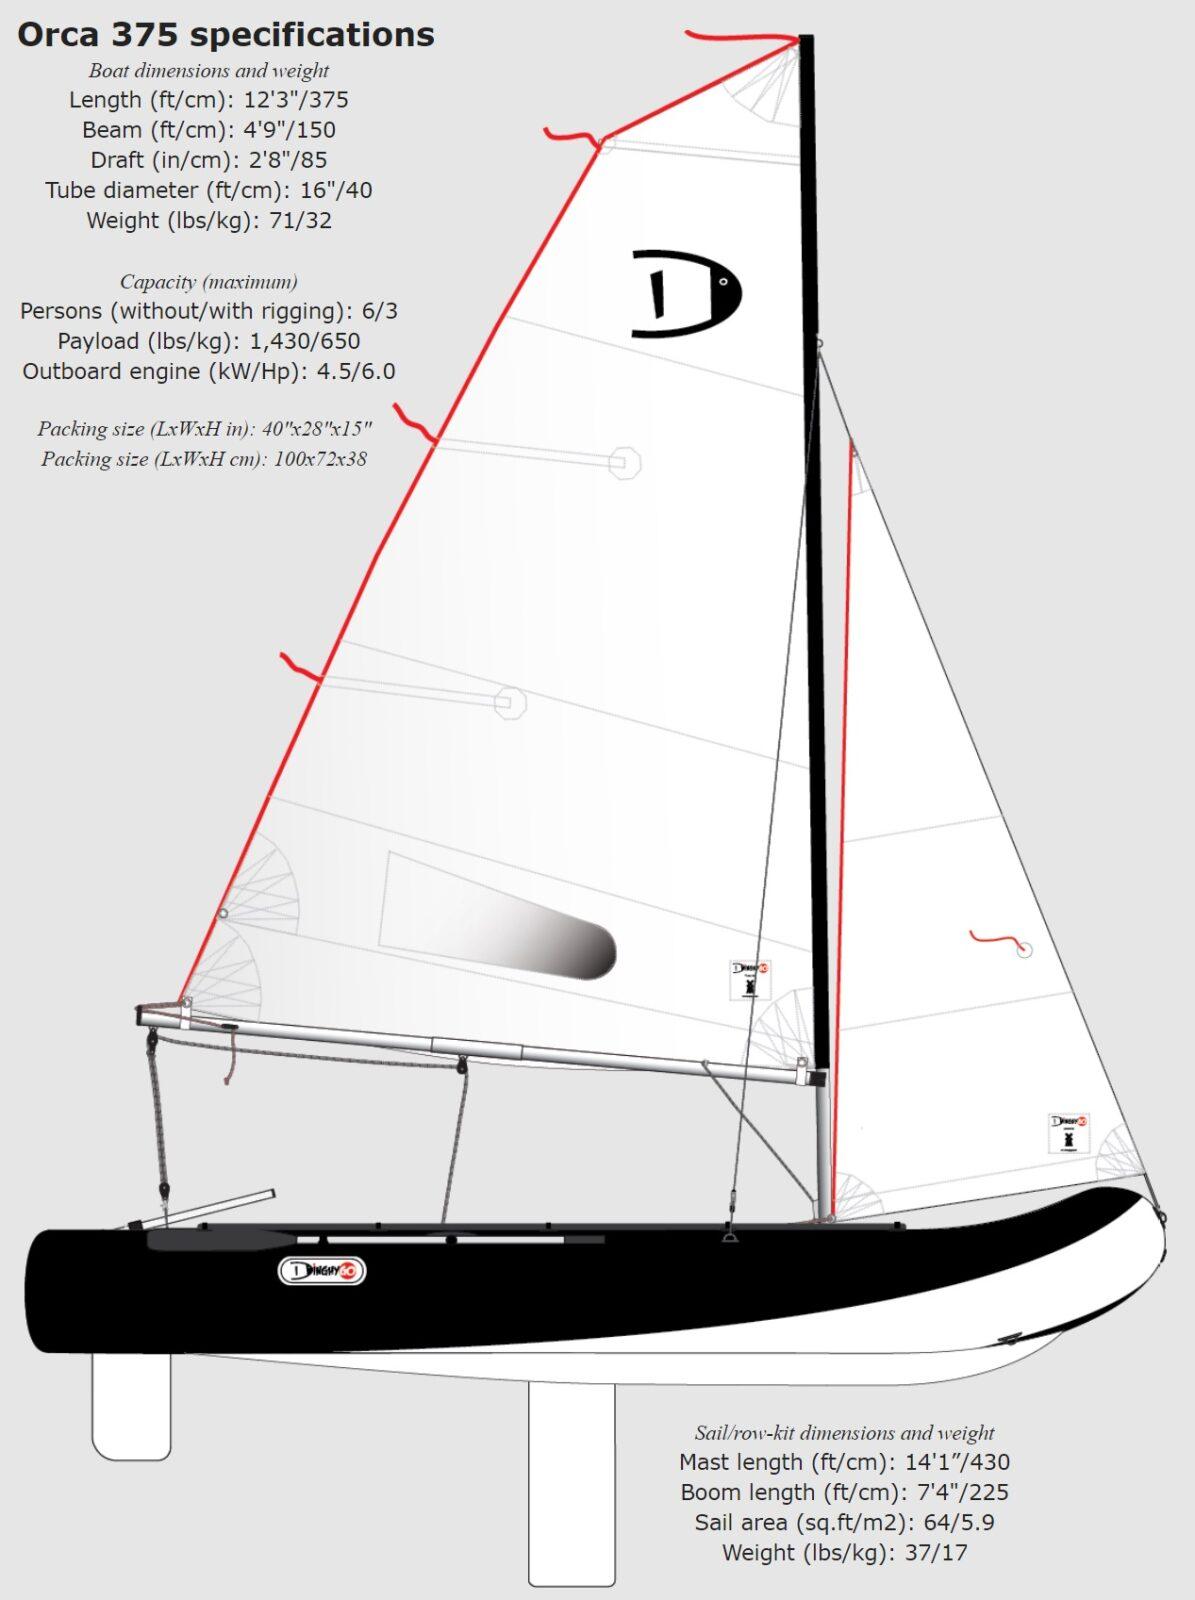 DG-Orca-375-drwgs